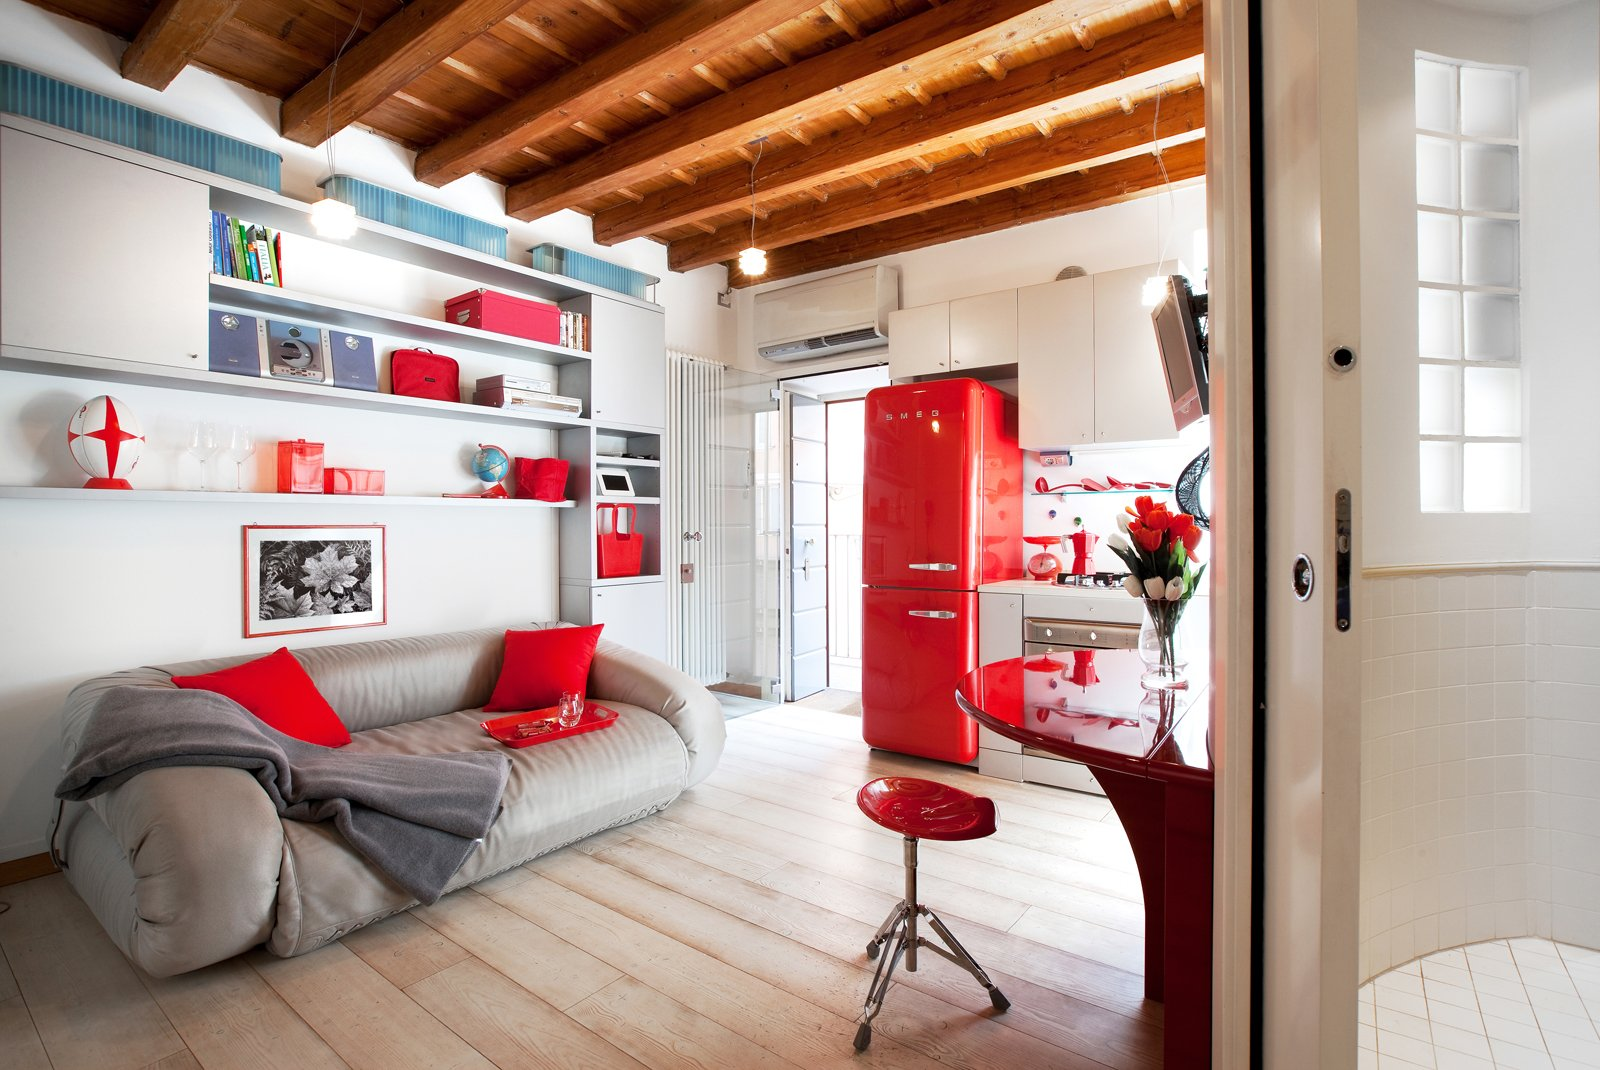 Monolocale di 25 mq con soluzioni salvaspazio cose di casa - Arredare monolocale ikea ...